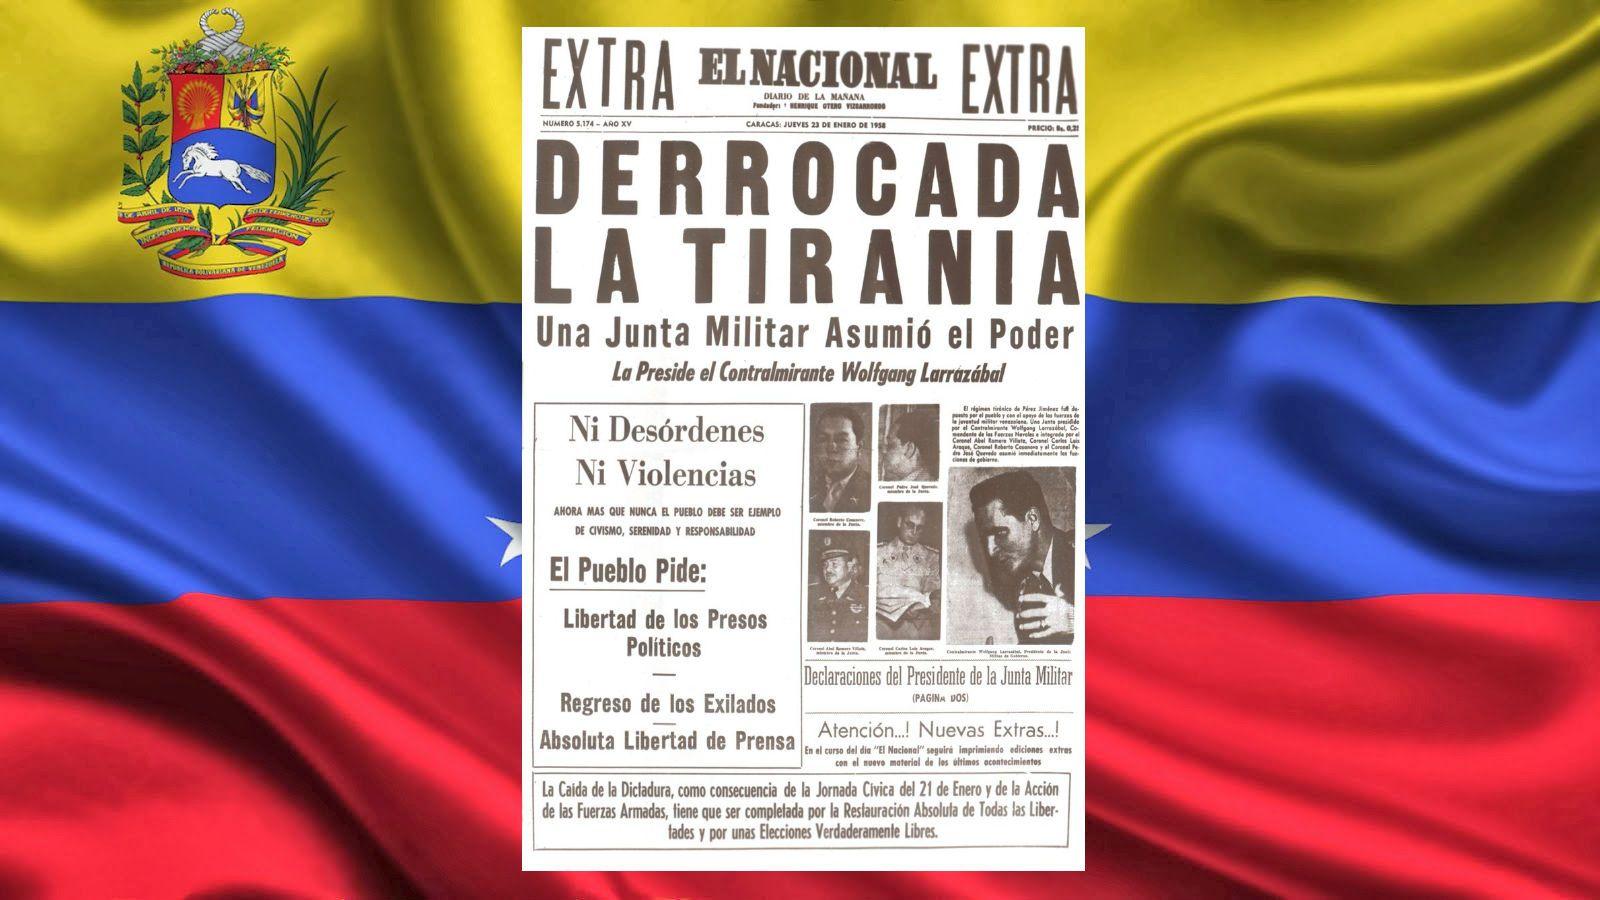 La tapa del diario El Nacional de Venezuela reflejaba el 23 de enero de 1958